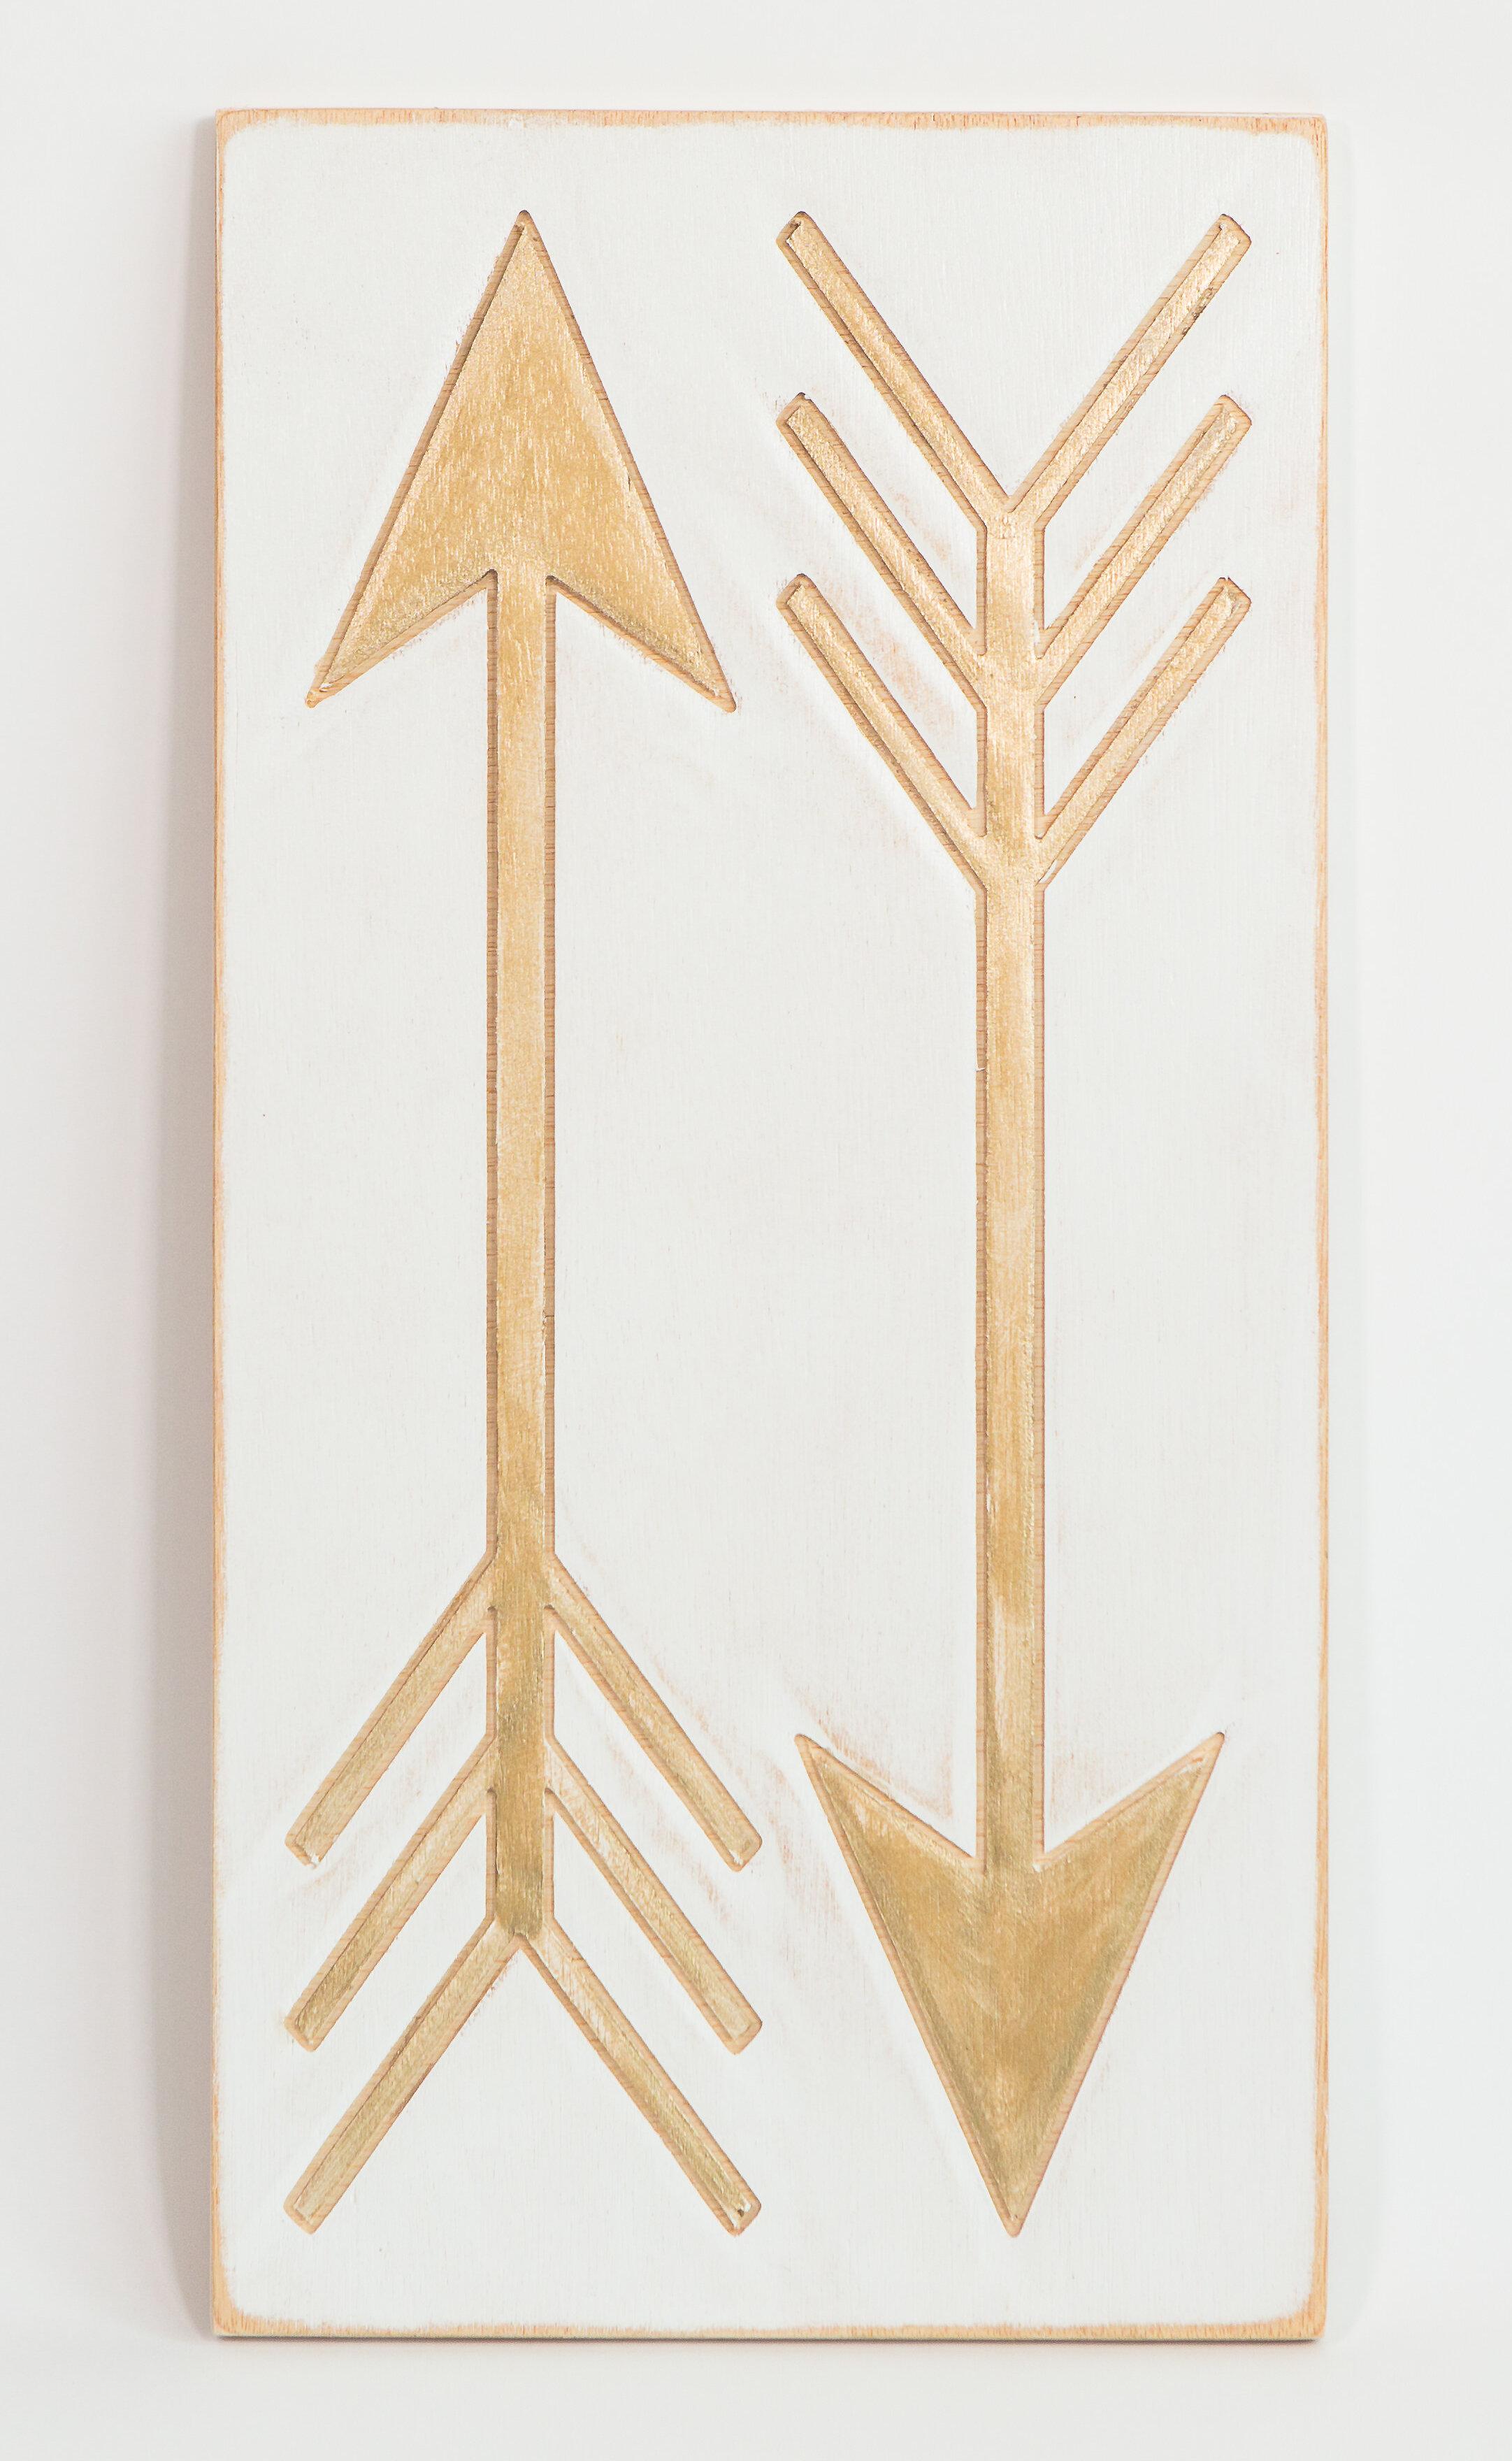 Boho Arrows Wooden Wall Decor